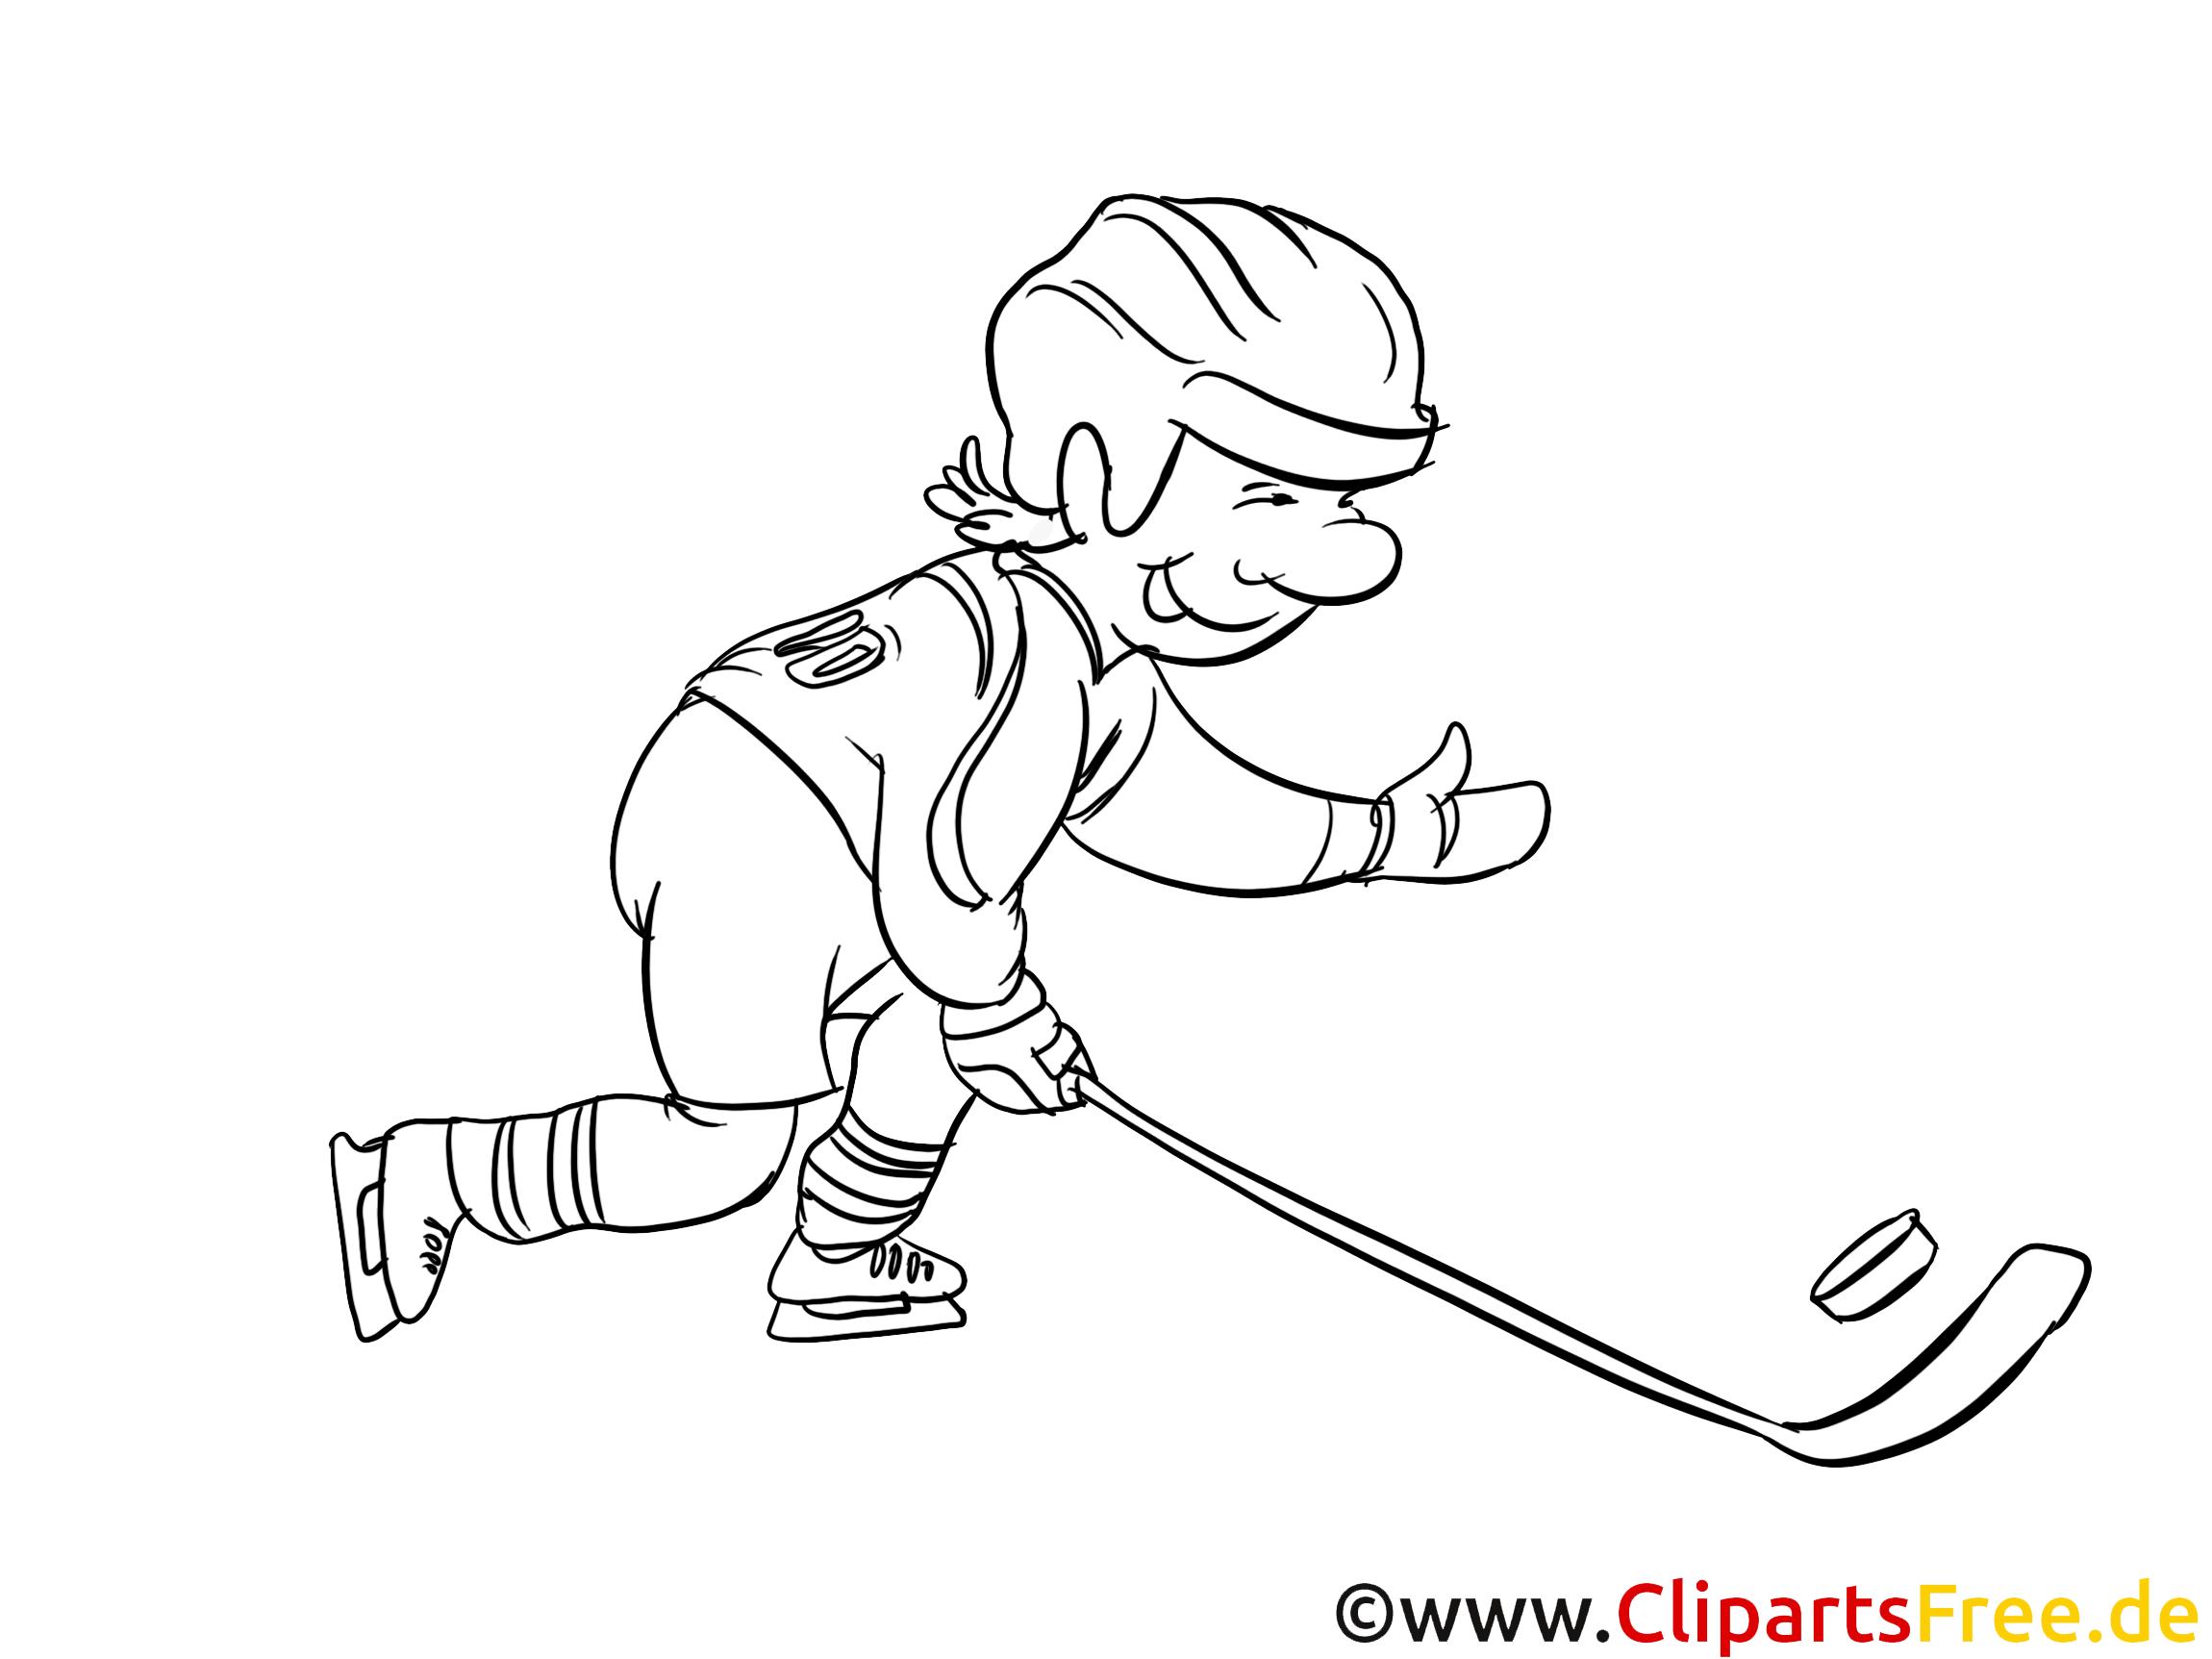 Beau Dessin A Colorier Joueur Hockey